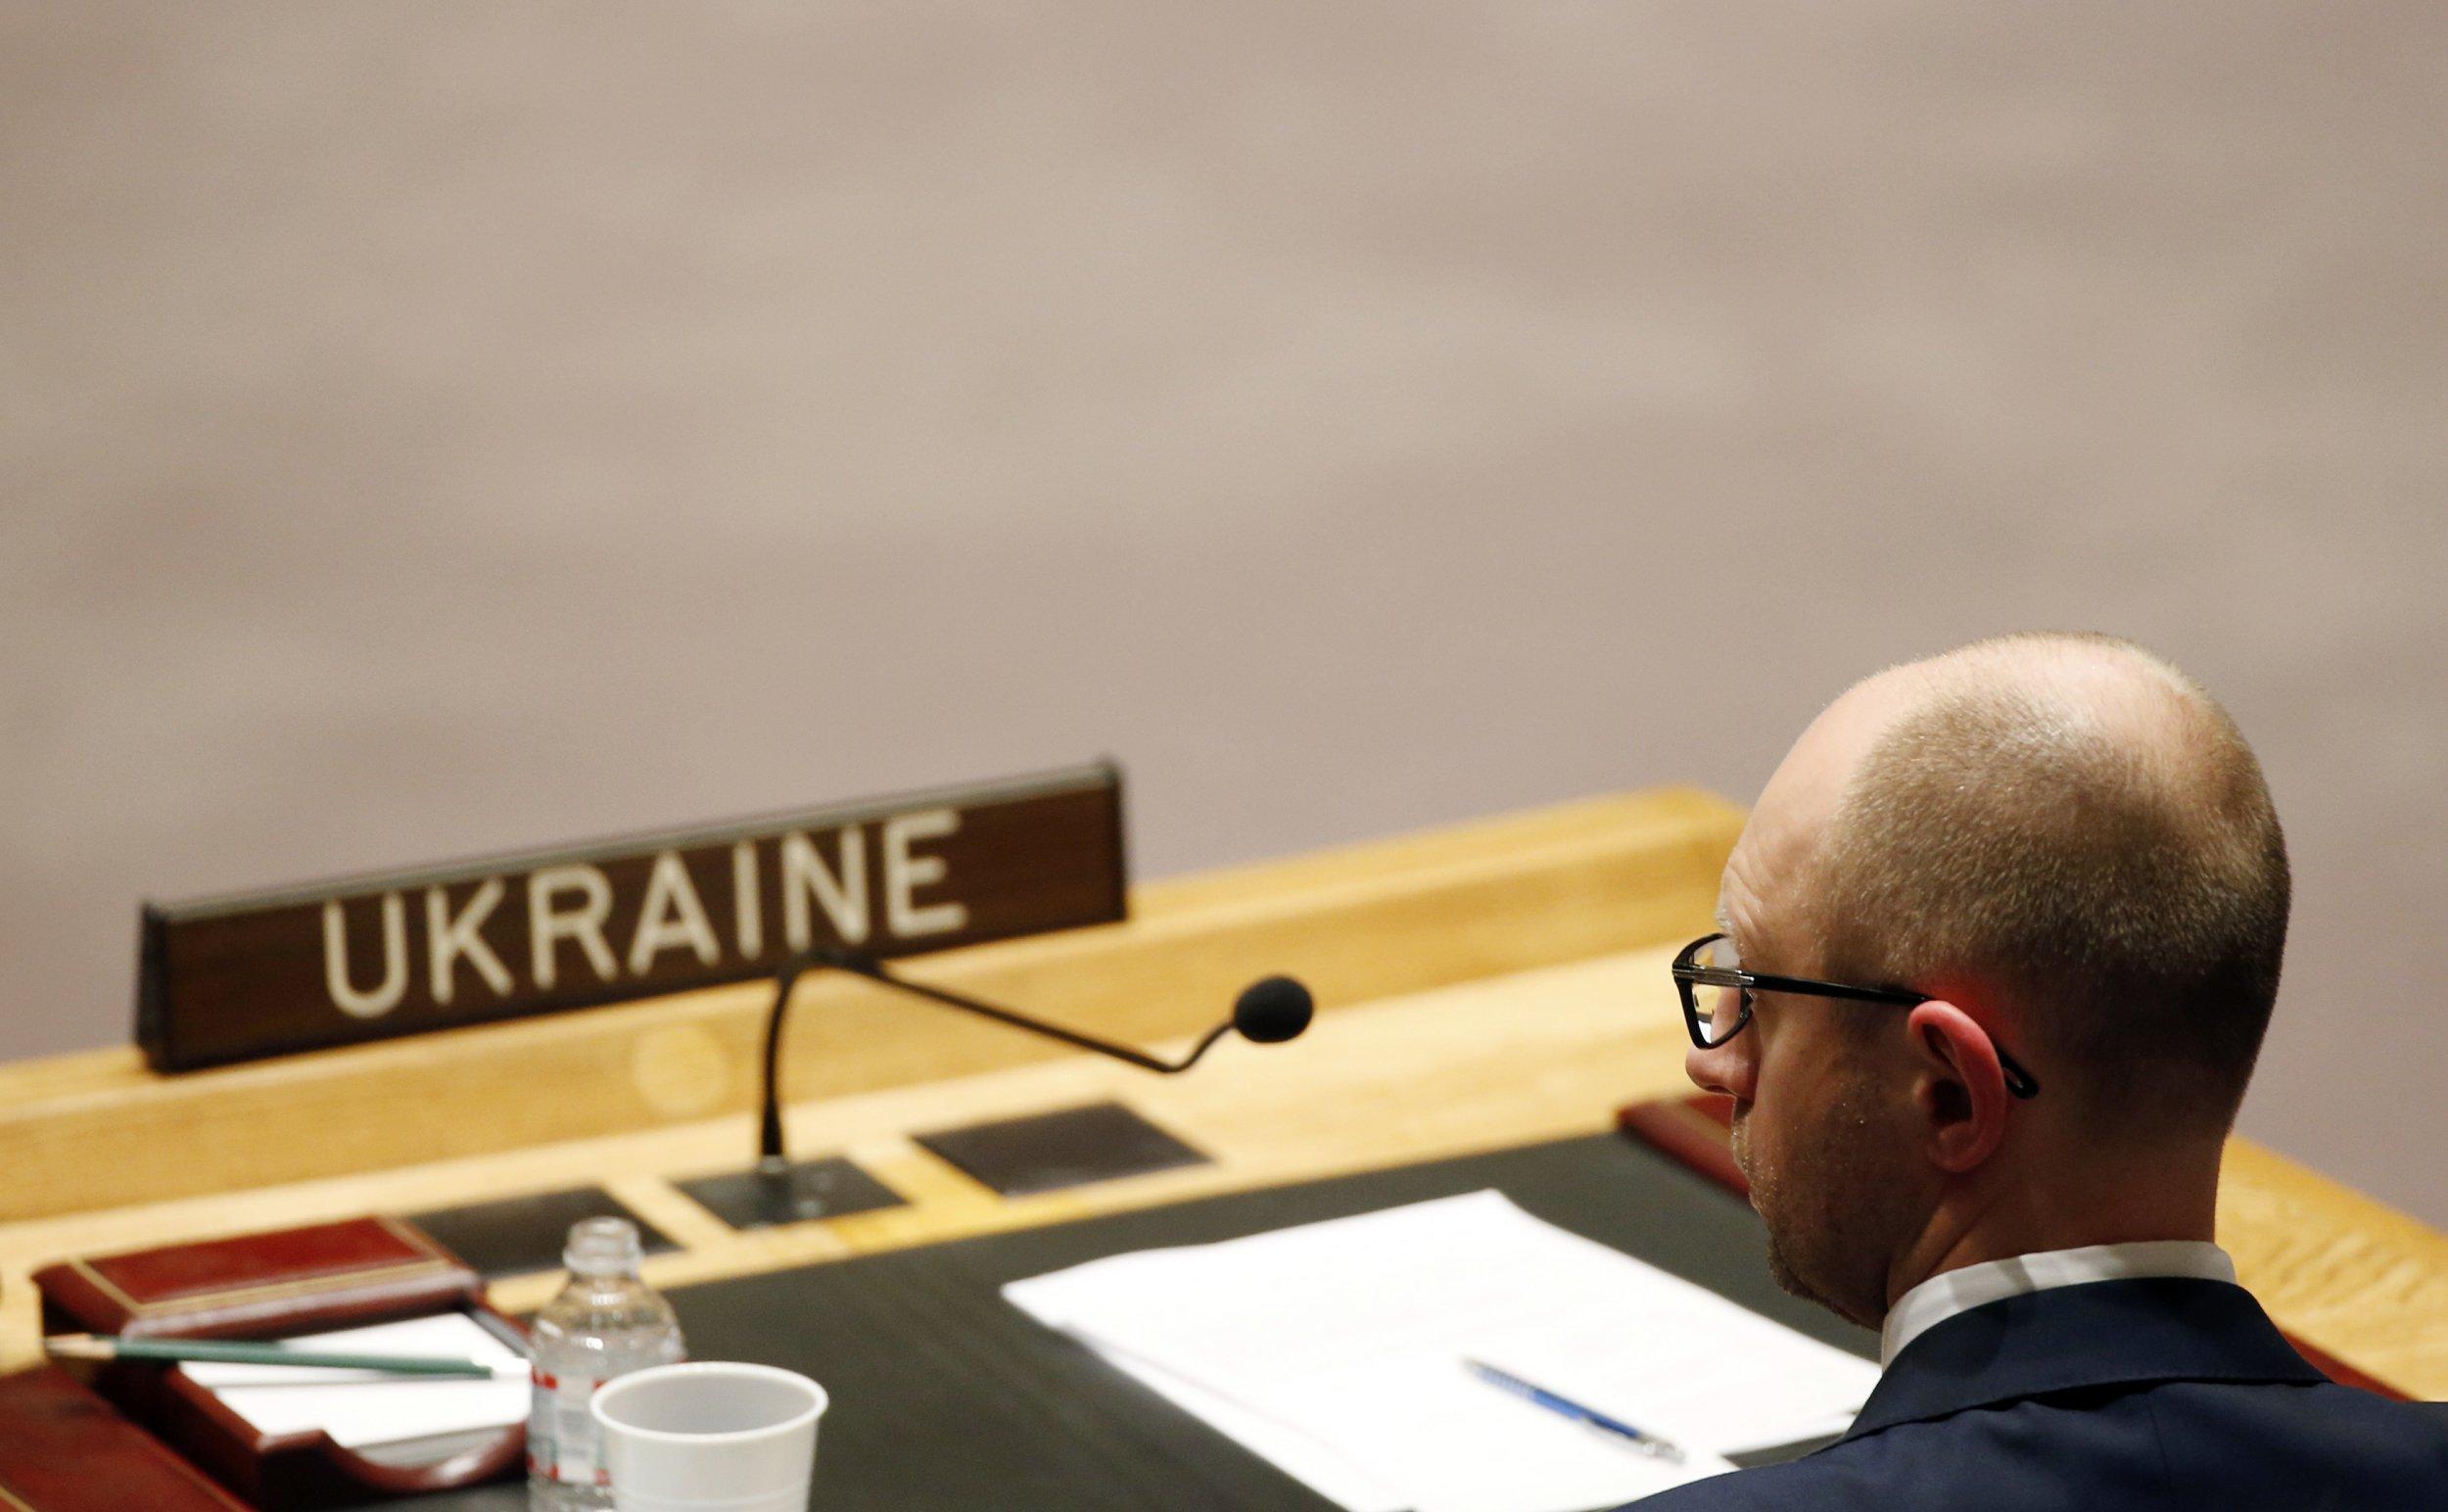 Ukraine Prime Minister Arseniy Yatsenyuk